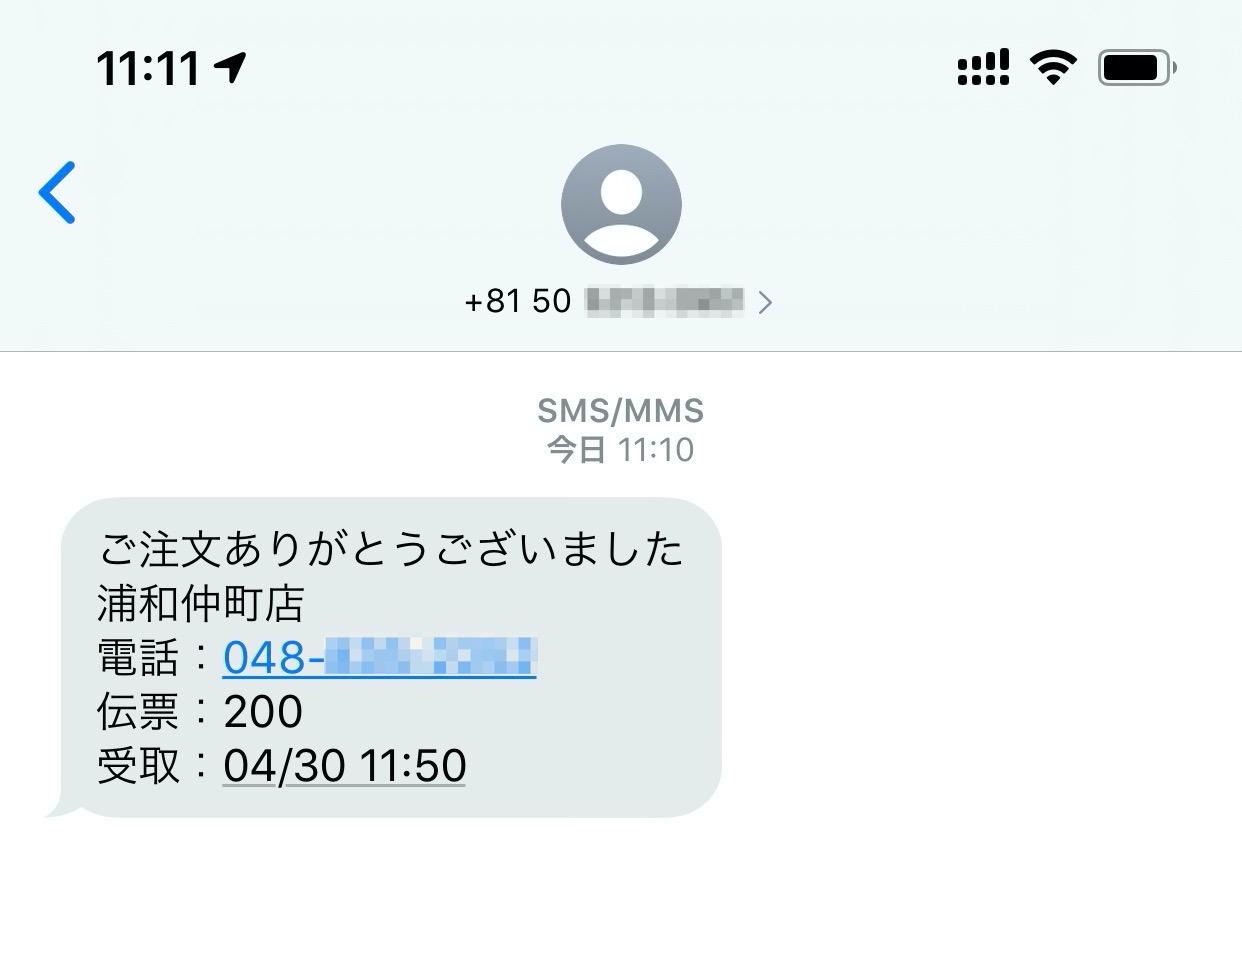 【吉野家】スマホでテイクアウト予約する方法 12